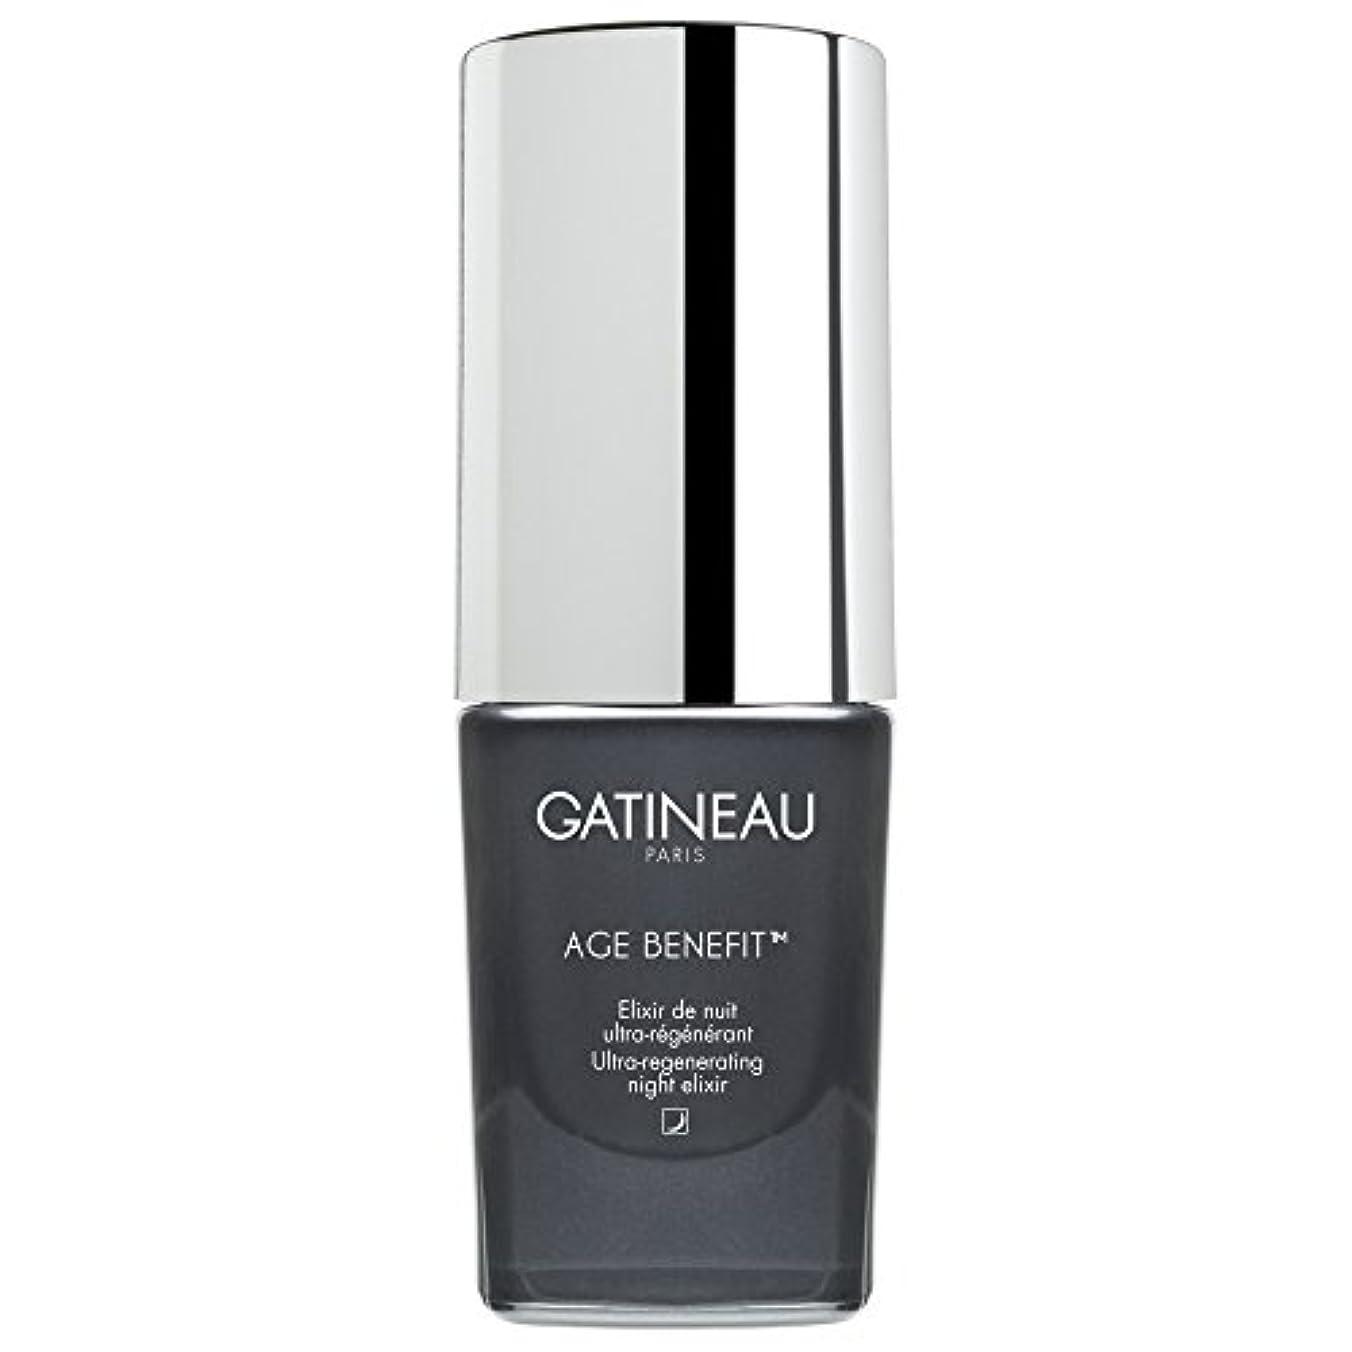 役割再生傷跡ガティノー年齢給付超再生夜のエリクシルの15ミリリットル (Gatineau) - Gatineau Age Benefit Ultra-Regenerating Night Elixir 15ml [並行輸入品]